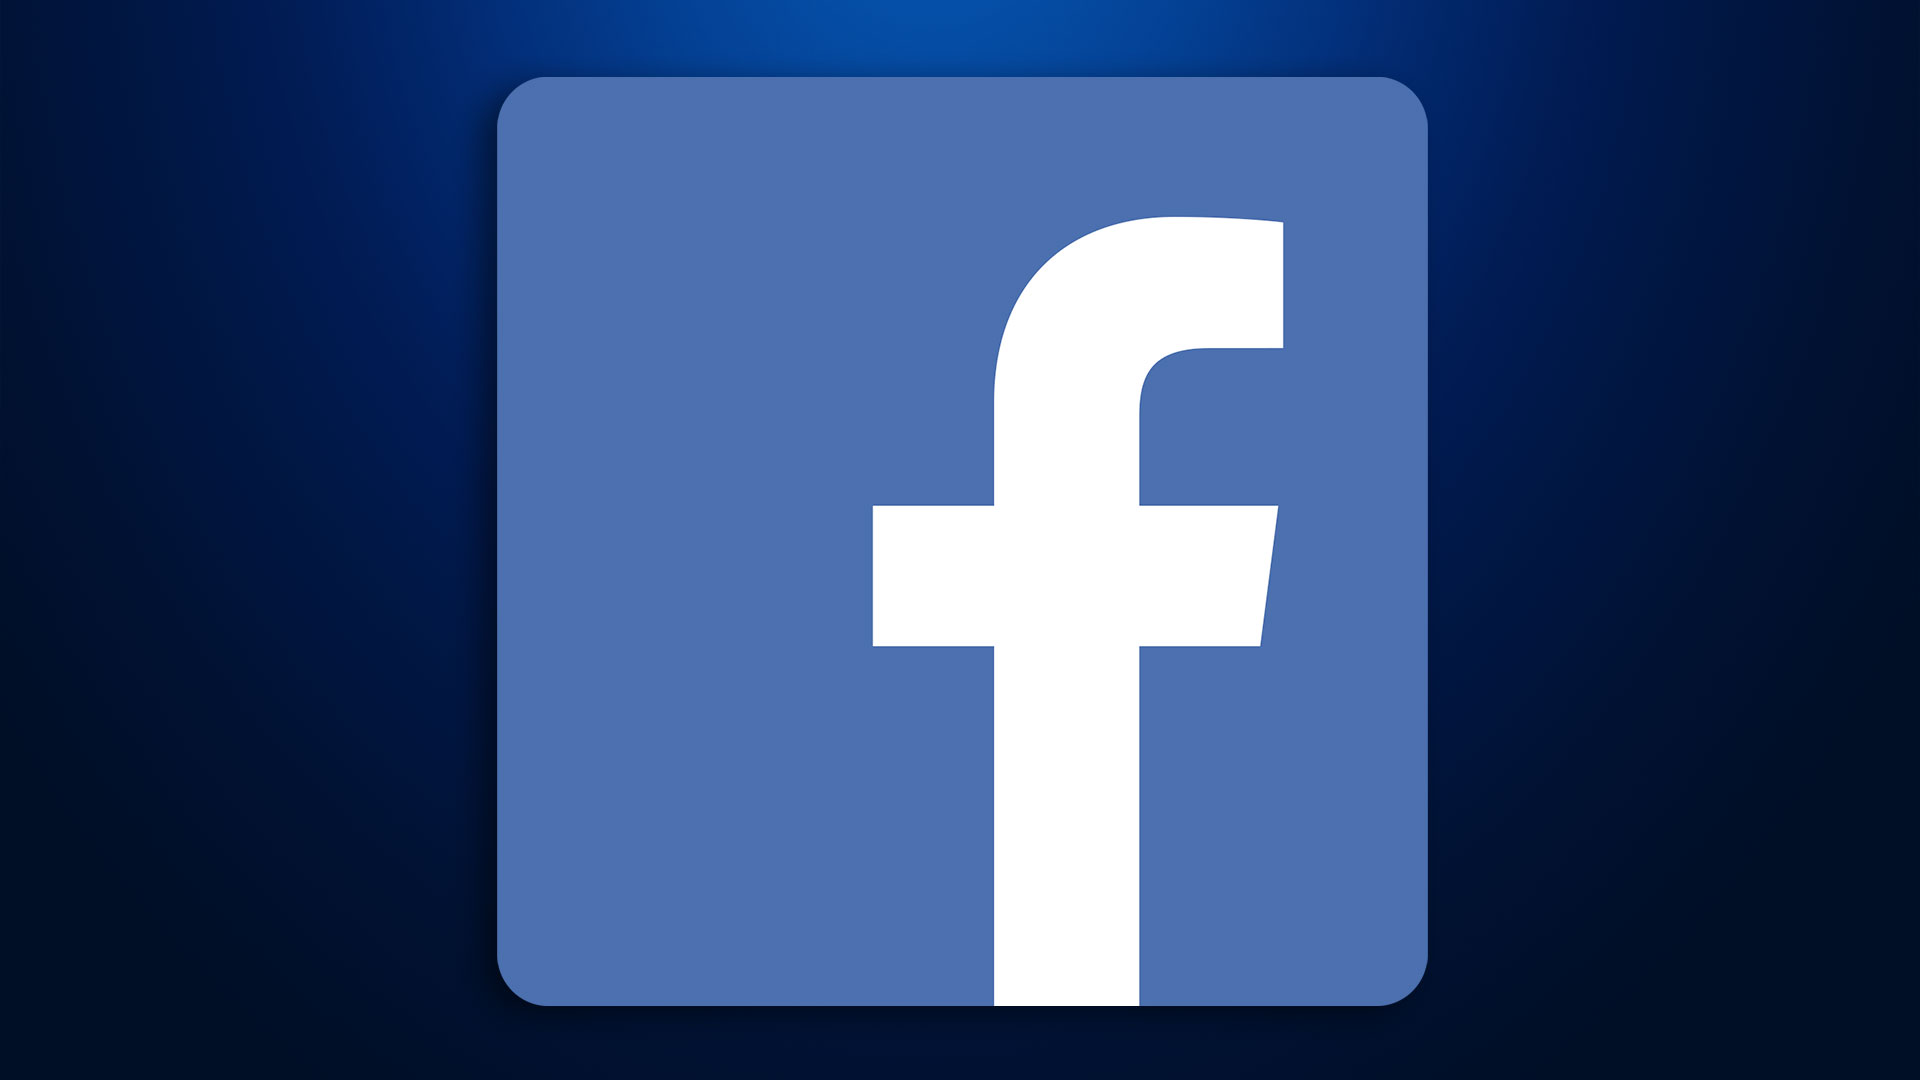 KELO Facebook